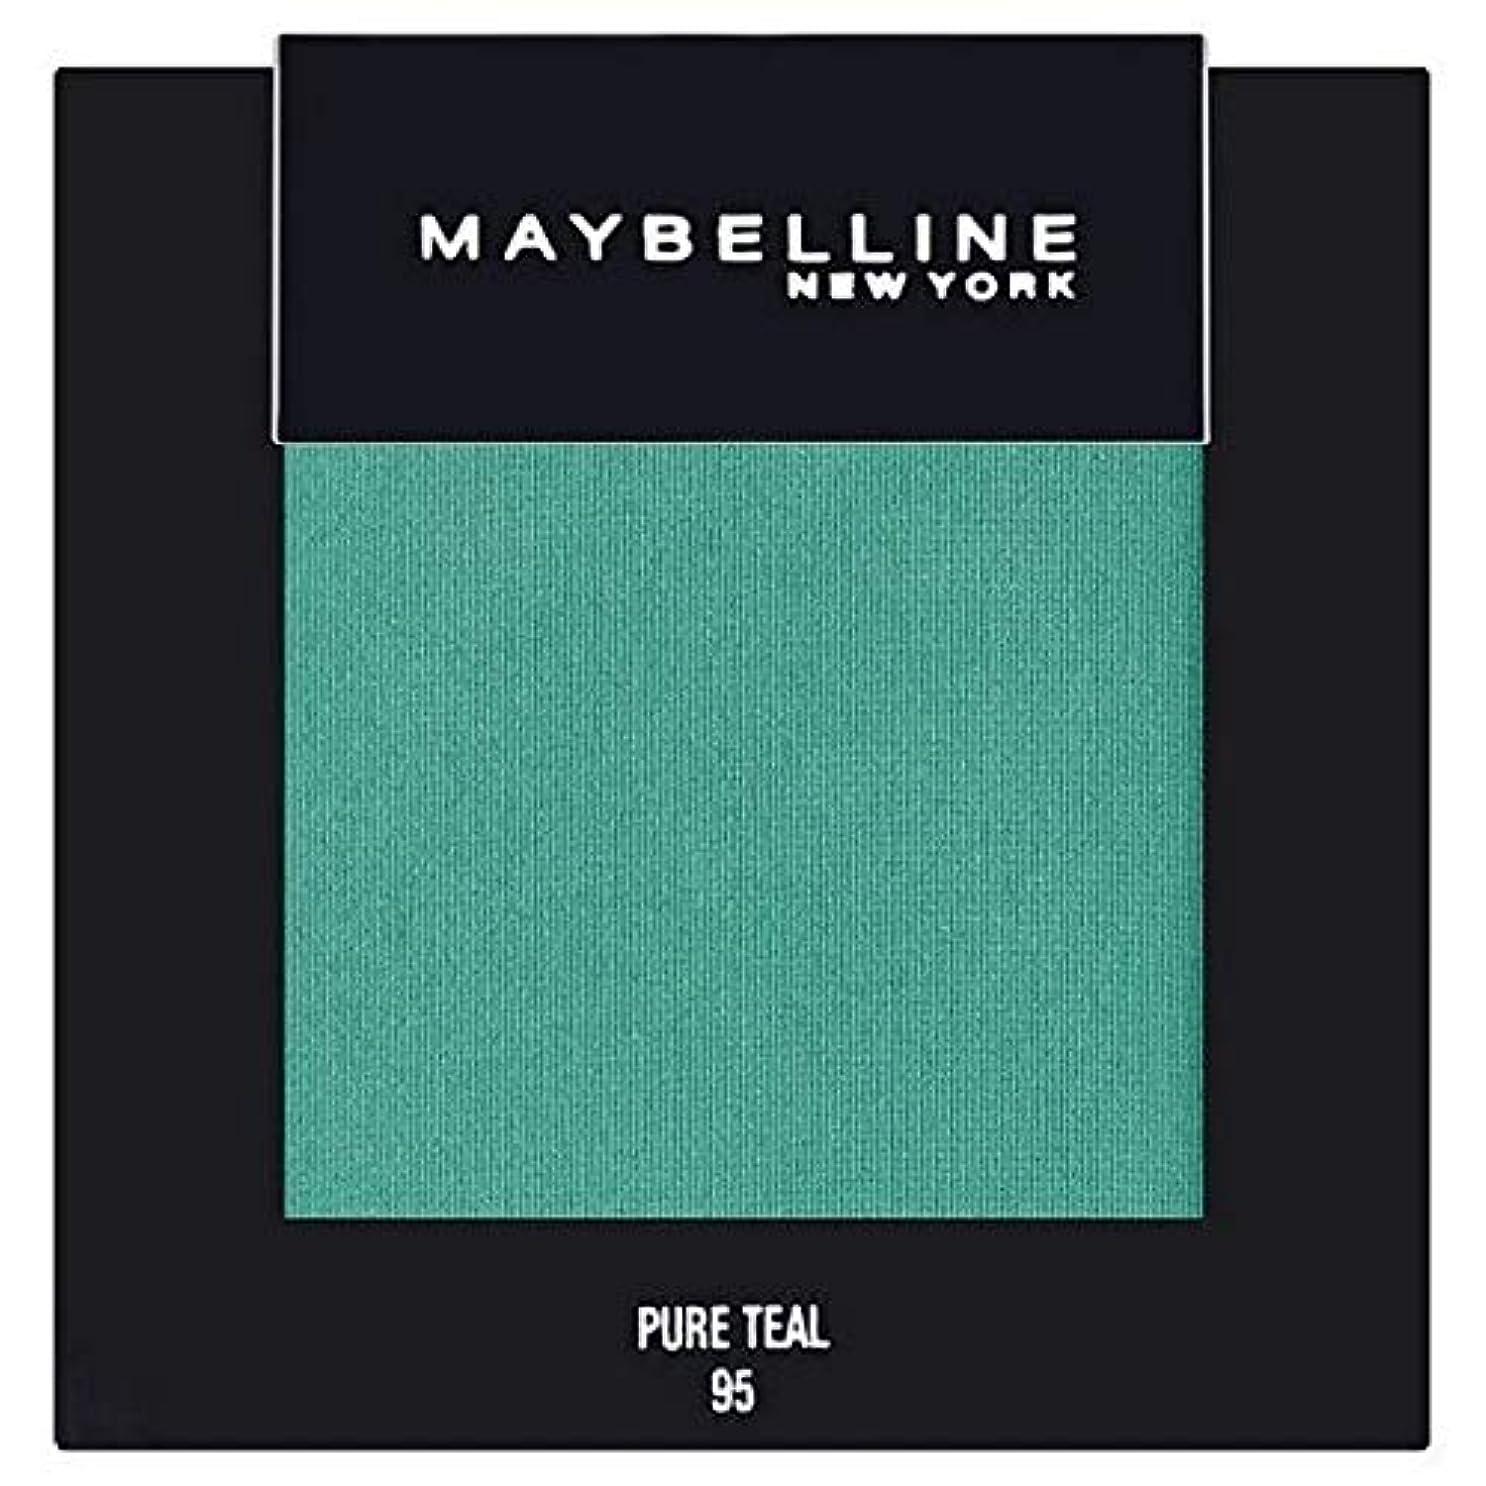 道を作る不調和チャペル[Maybelline ] メイベリンカラーショー単一グリーンアイシャドウ95純粋ティール - Maybelline Color Show Single Green Eyeshadow 95 Pure Teal [並行輸入品]